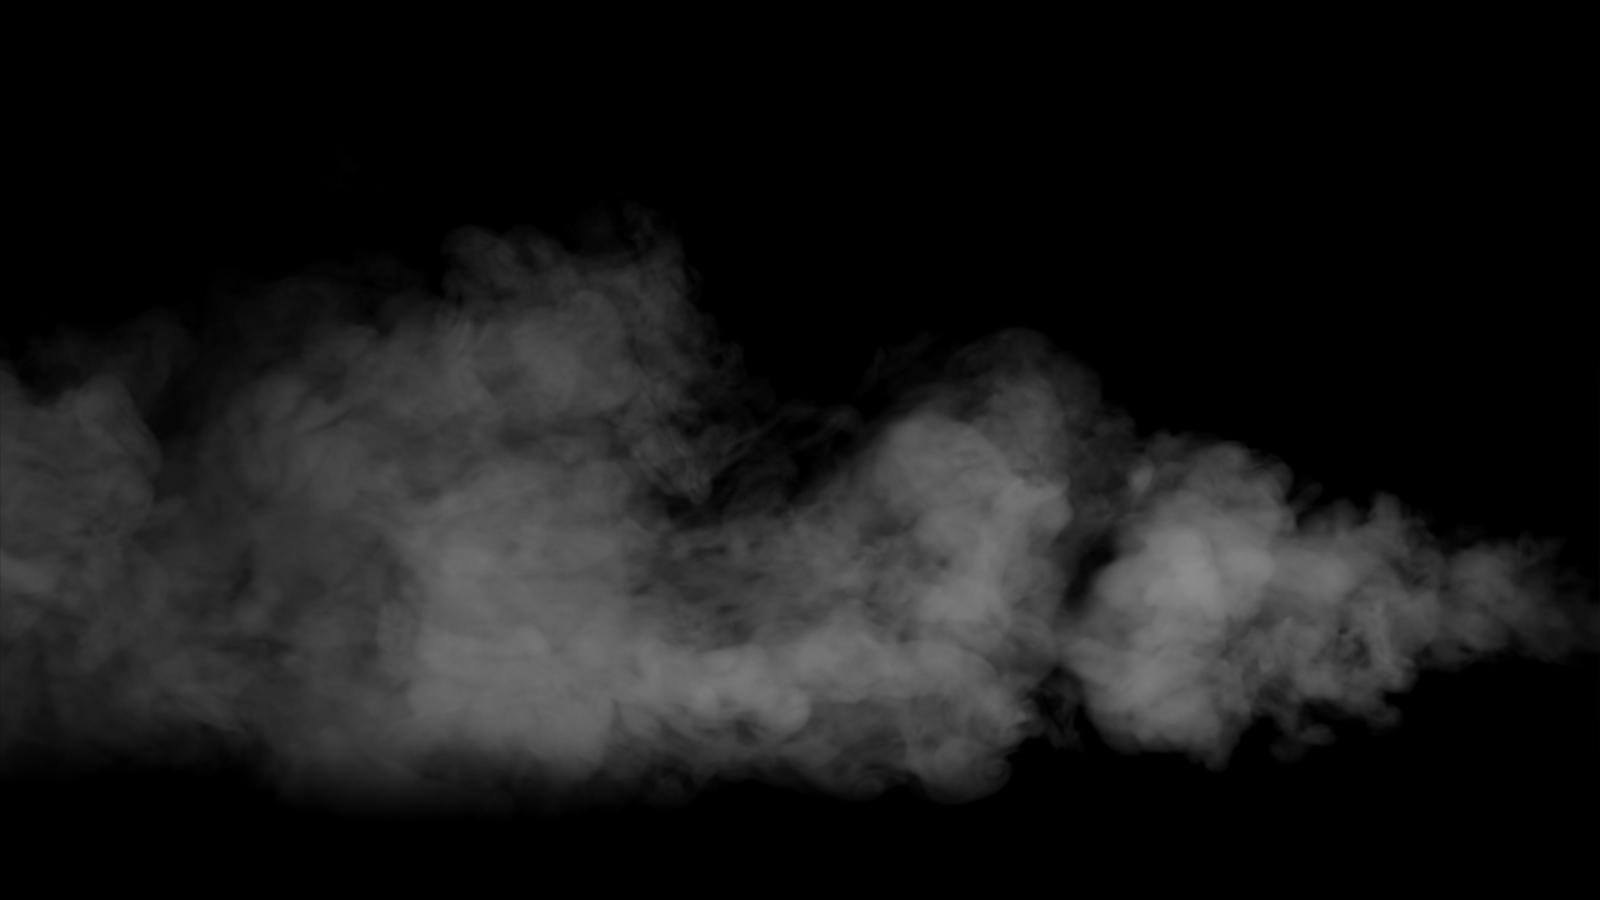 Smoke wallpaper 1600x900 57816